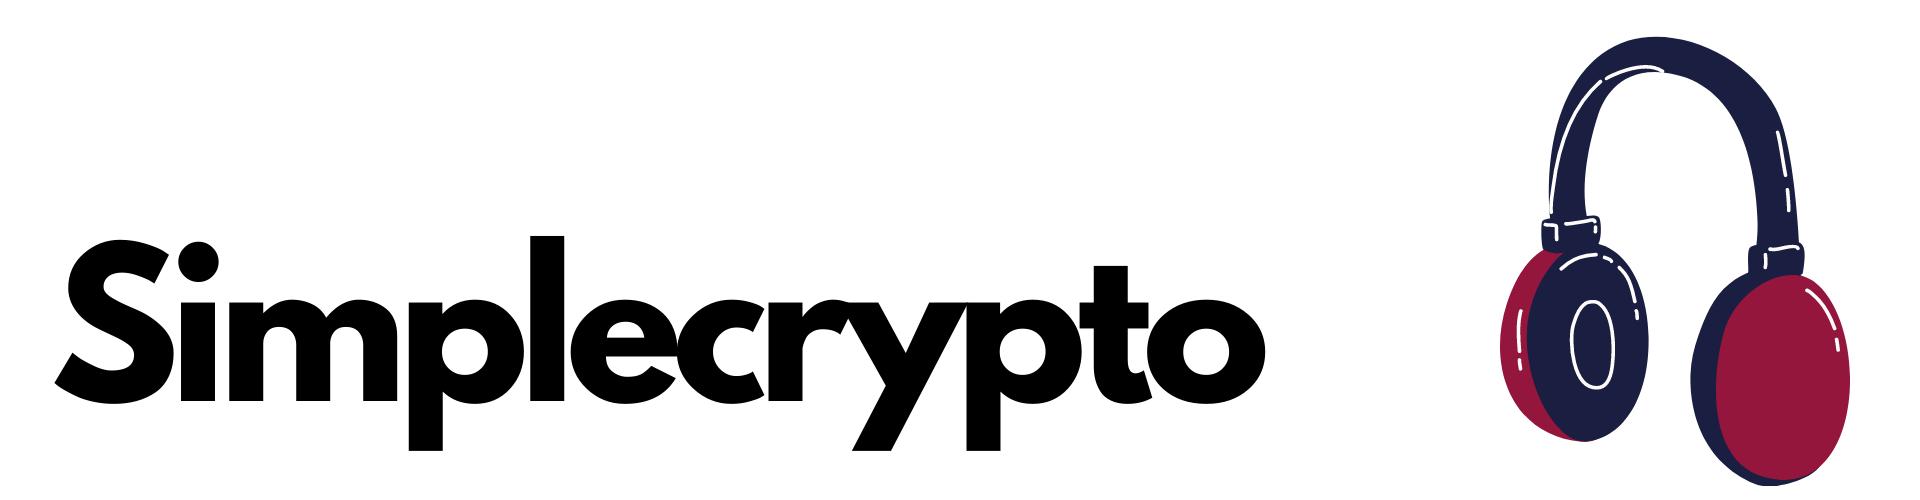 Simplecrypto